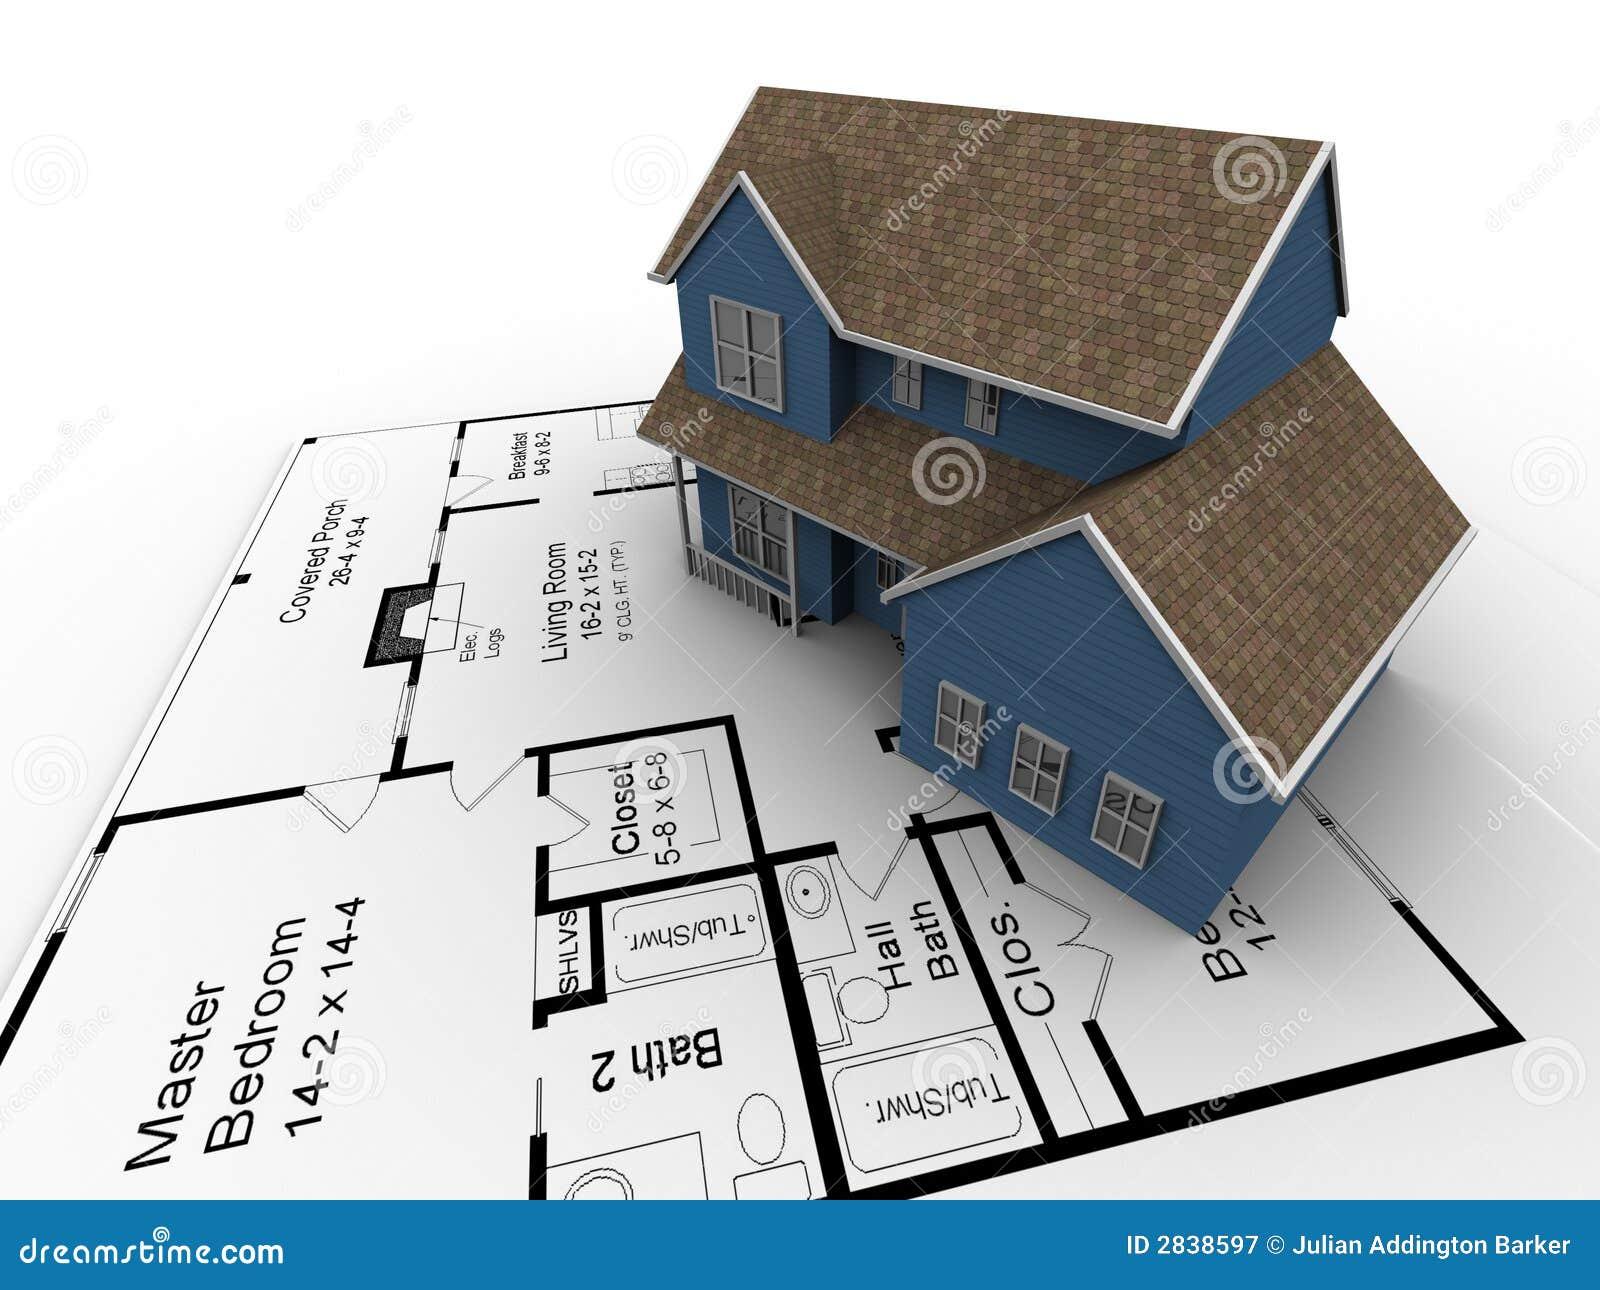 New house plans stock illustration. Illustration of home ... on new house design plans, floating dock plans, biltmore estate elevation plans, vardo camper plans,